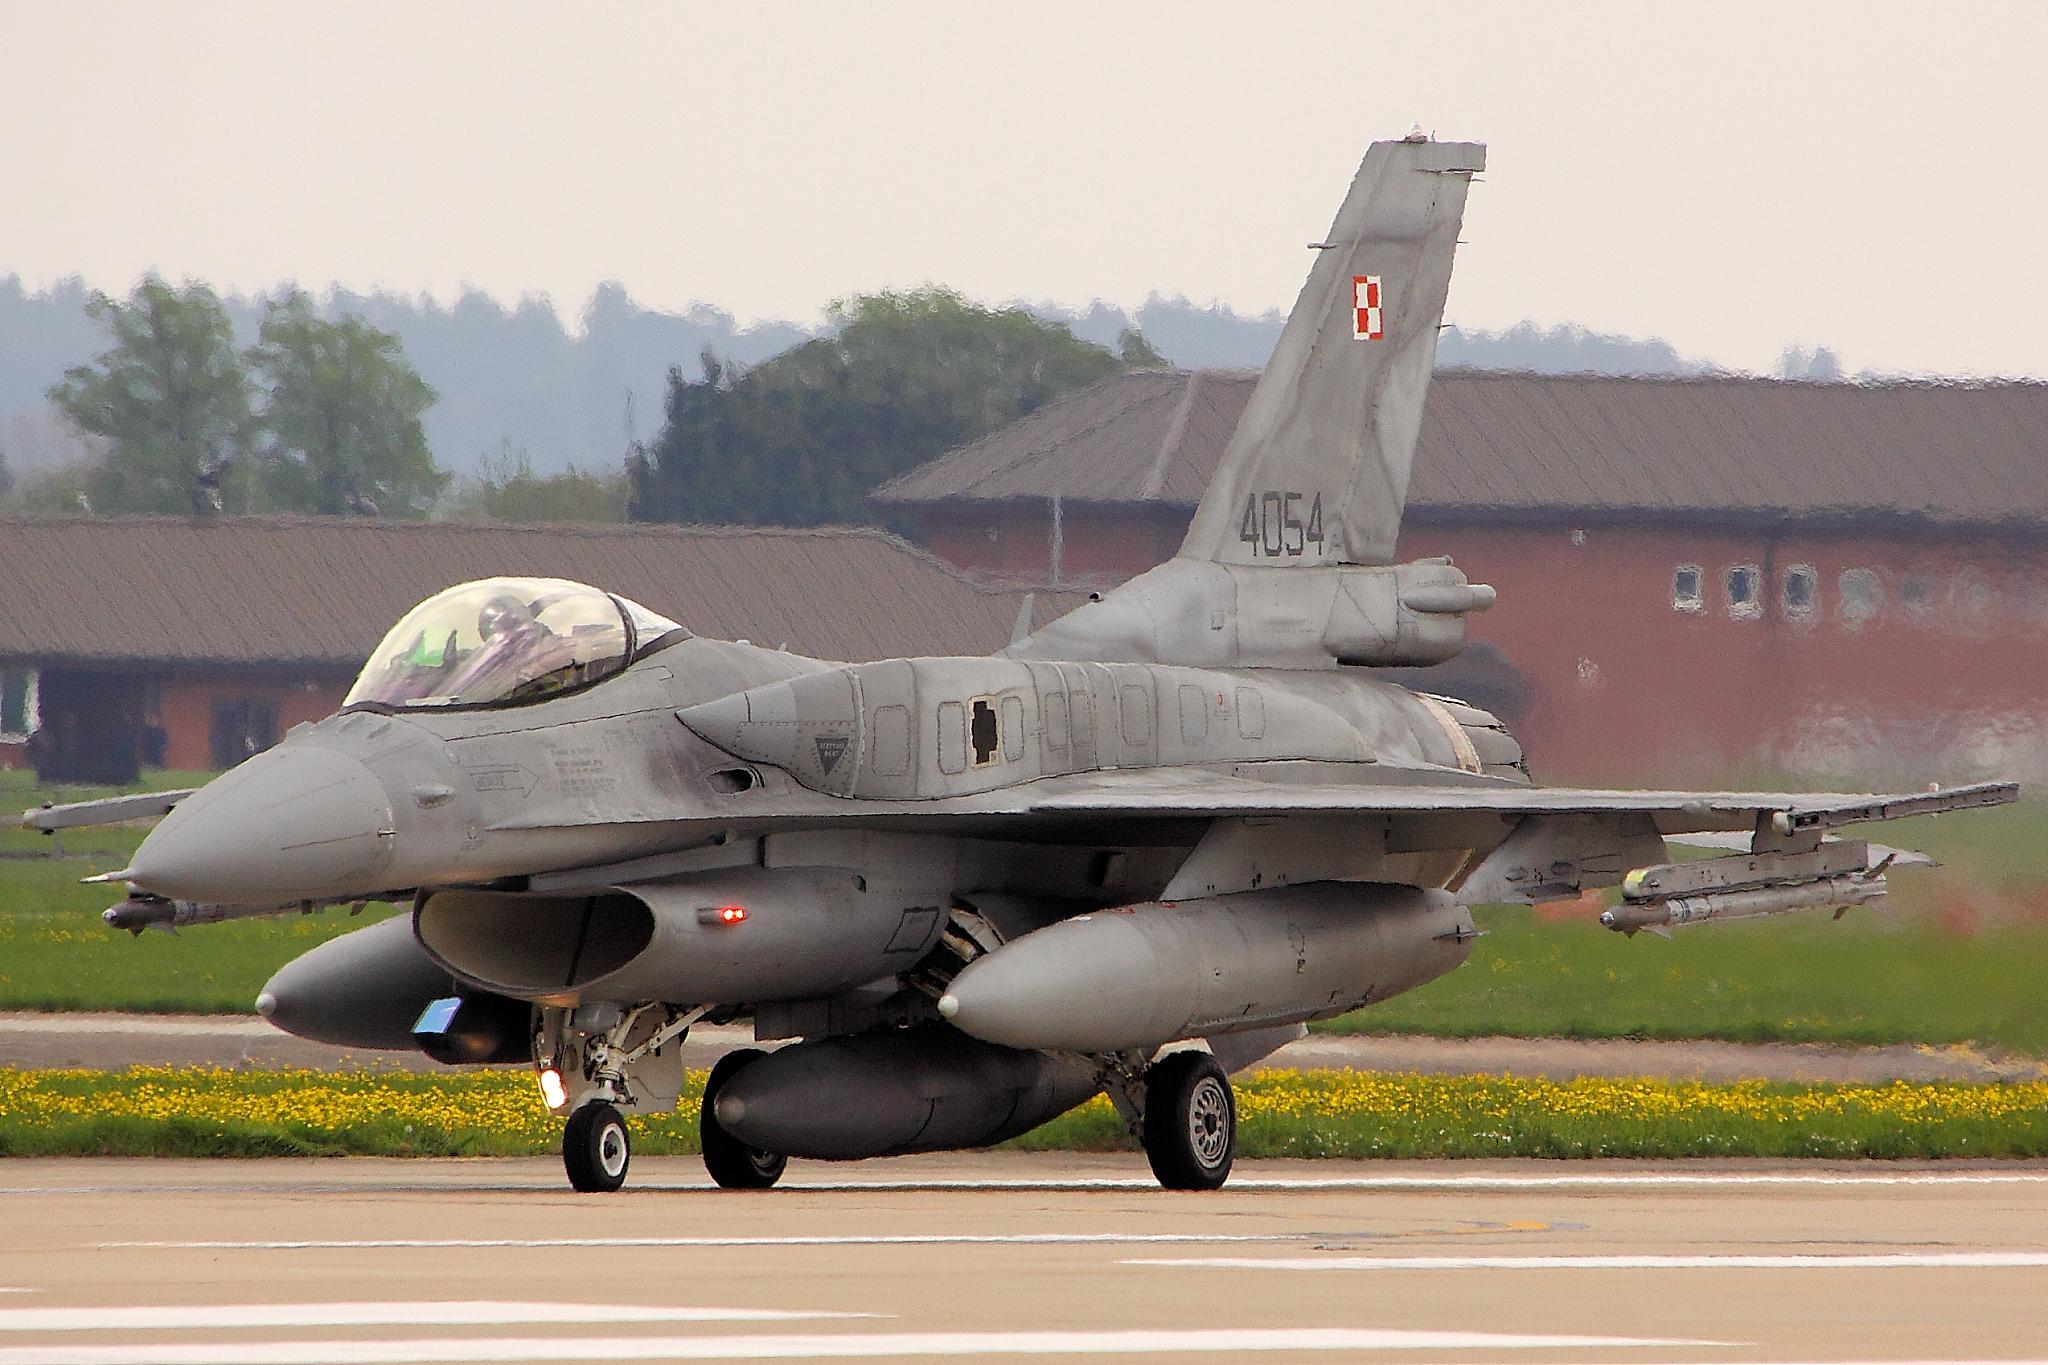 Місія повітряної поліції НАТО в країнах Балтії – в травні польські ВПС заступлять на охорону.